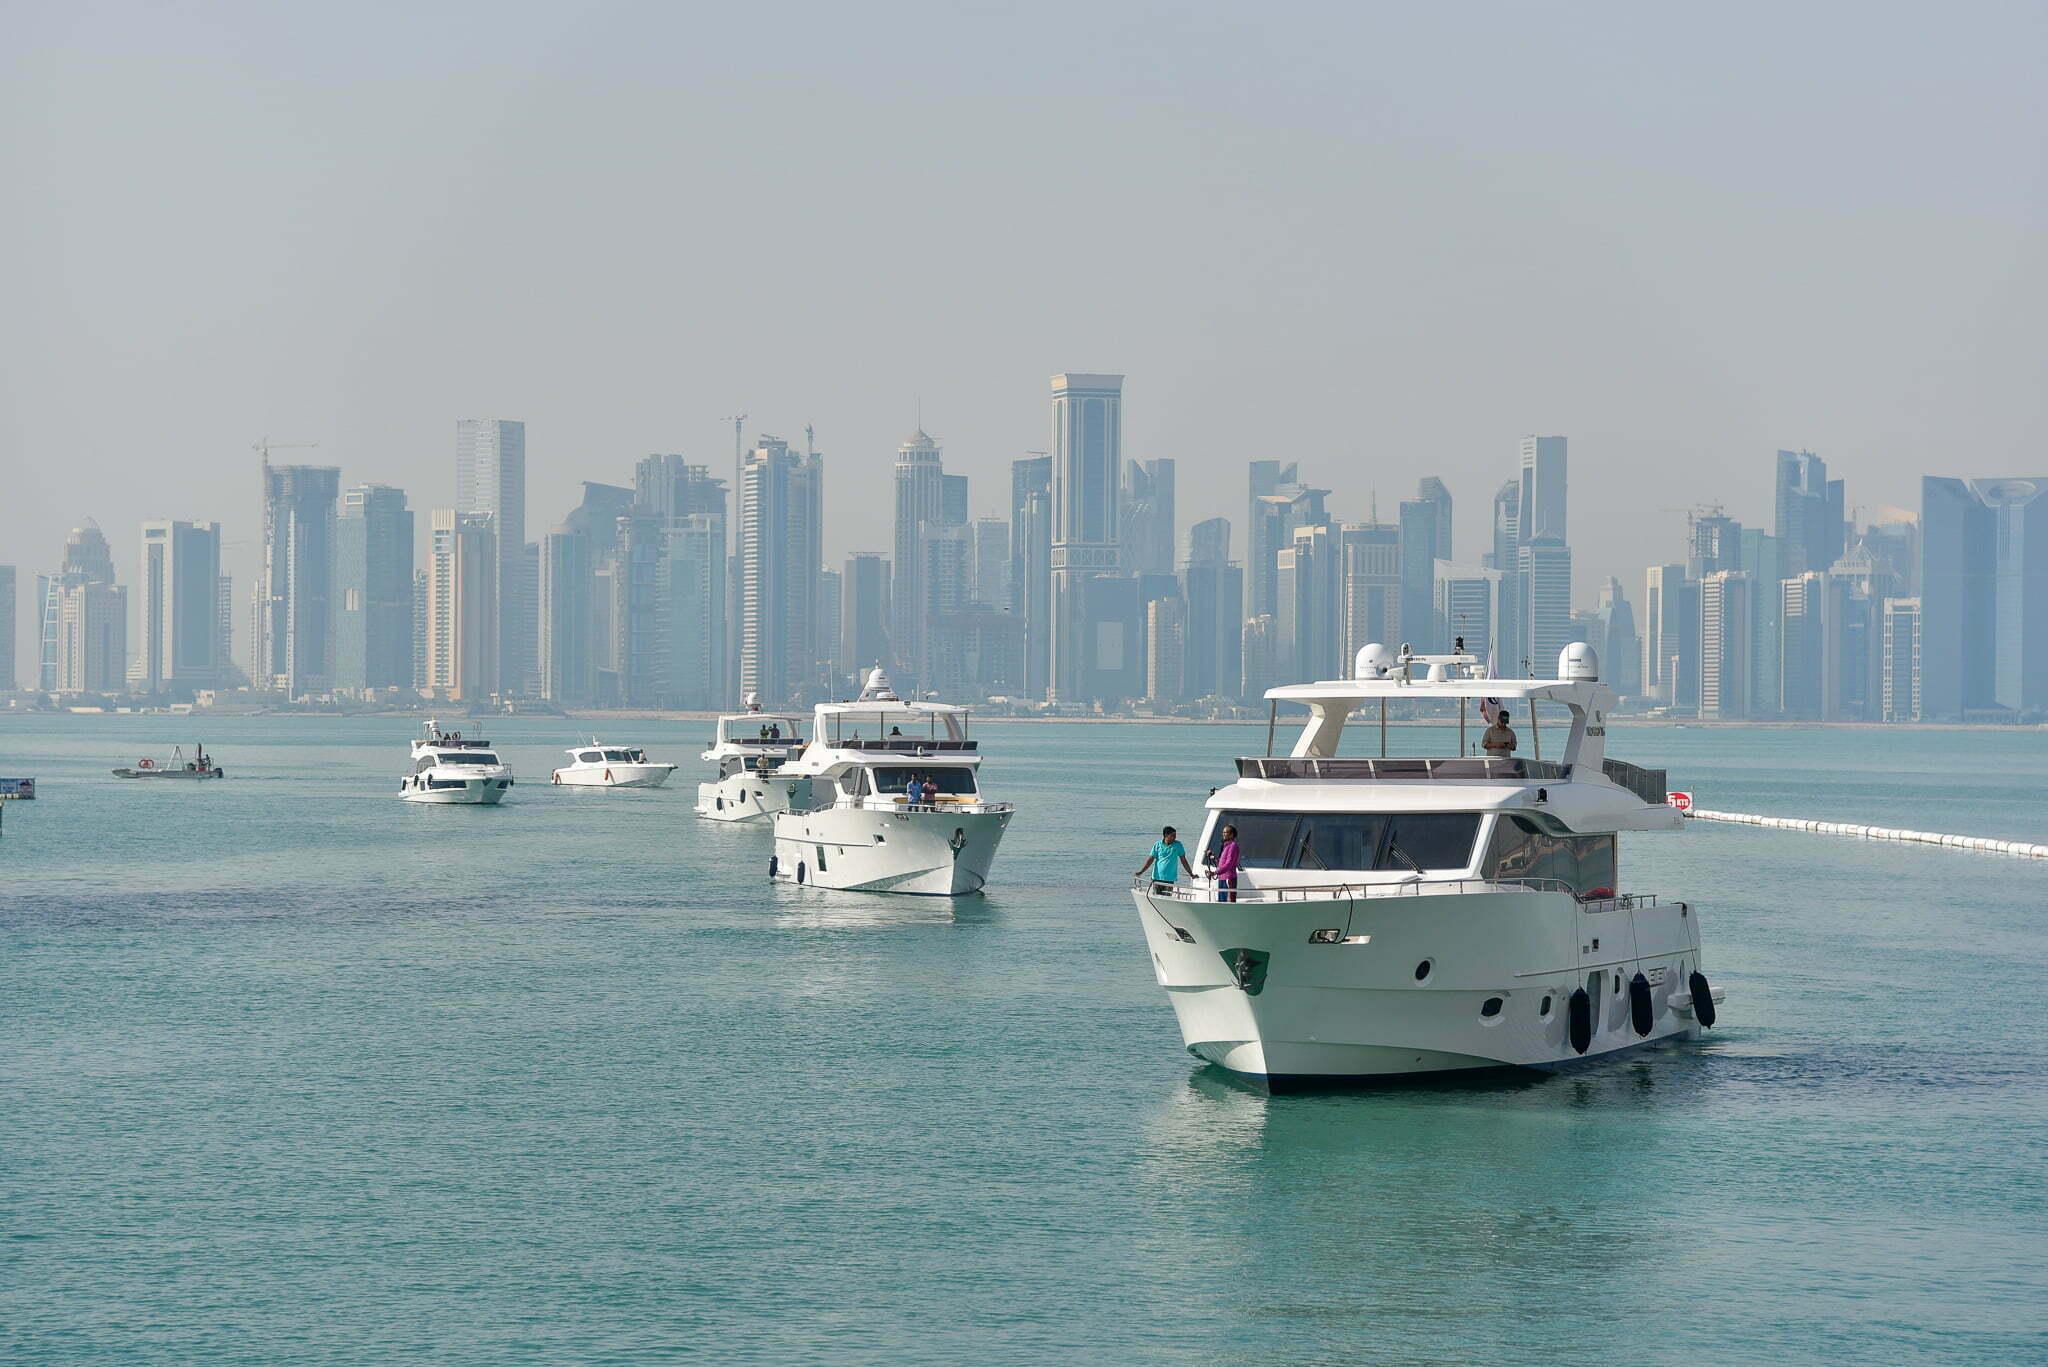 1b06823e2 شركة الخليج لصناعة القوارب تصارع أمواج الفخامة وتحتفظ بالصدارة ...